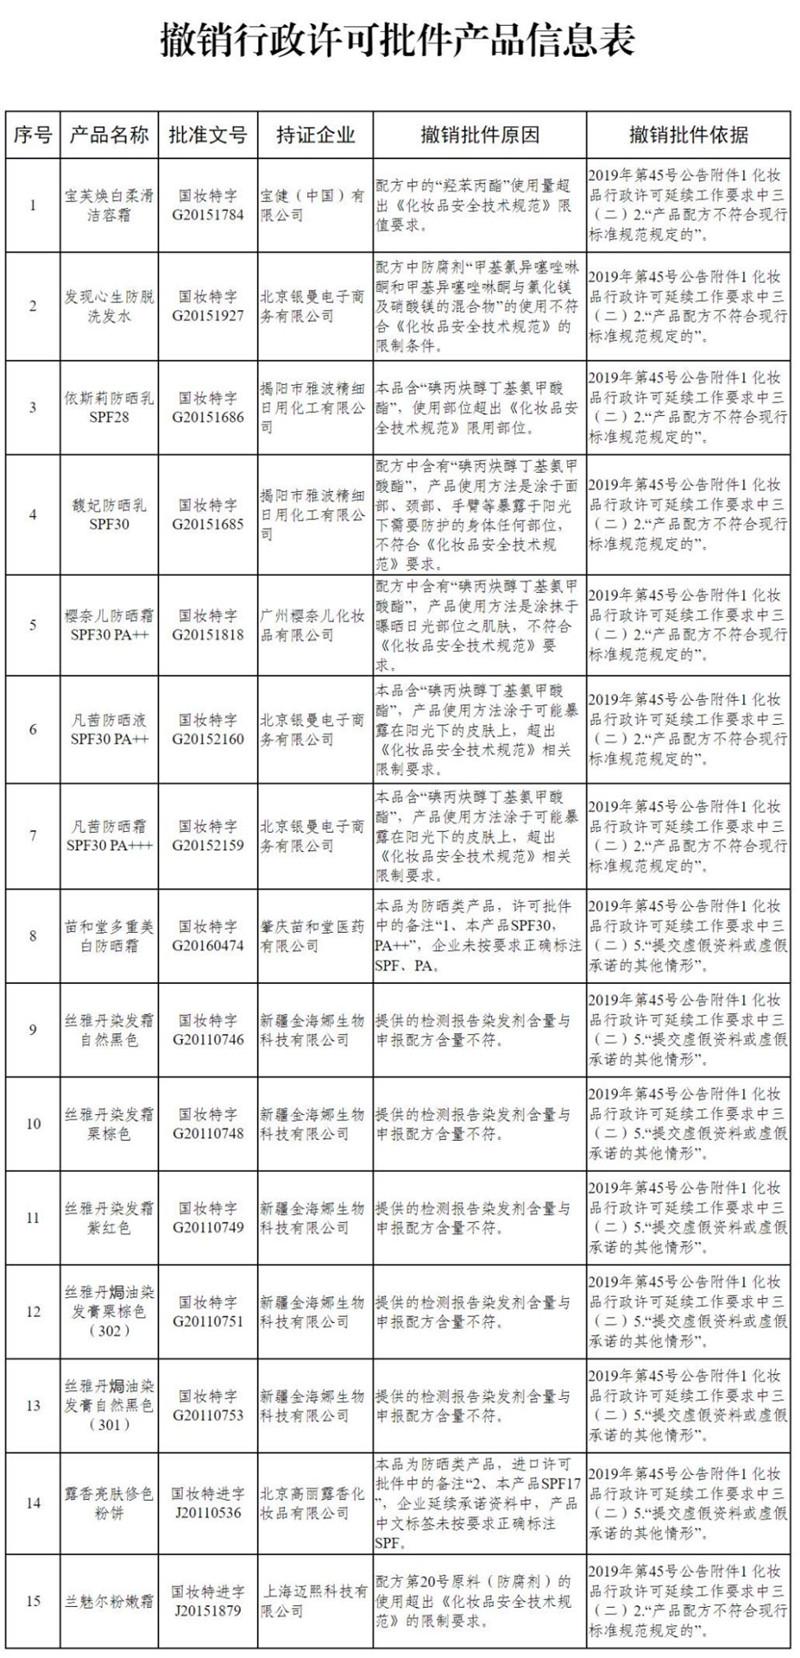 国家药监局:15个特殊用途化妆品被撤销